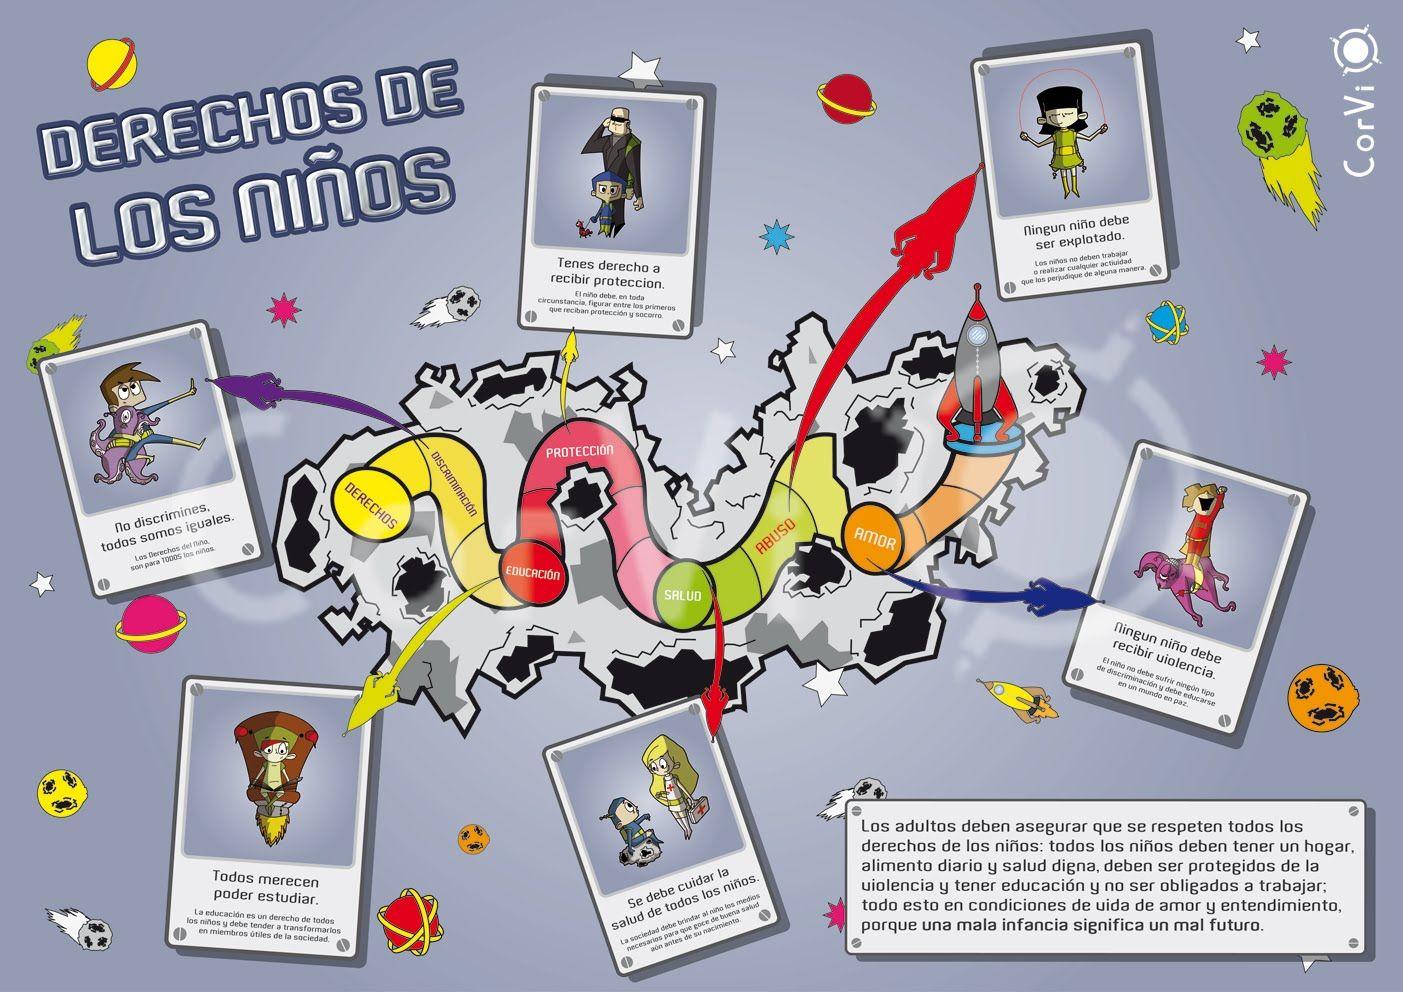 Los Derechos De Los Ninos Infografia